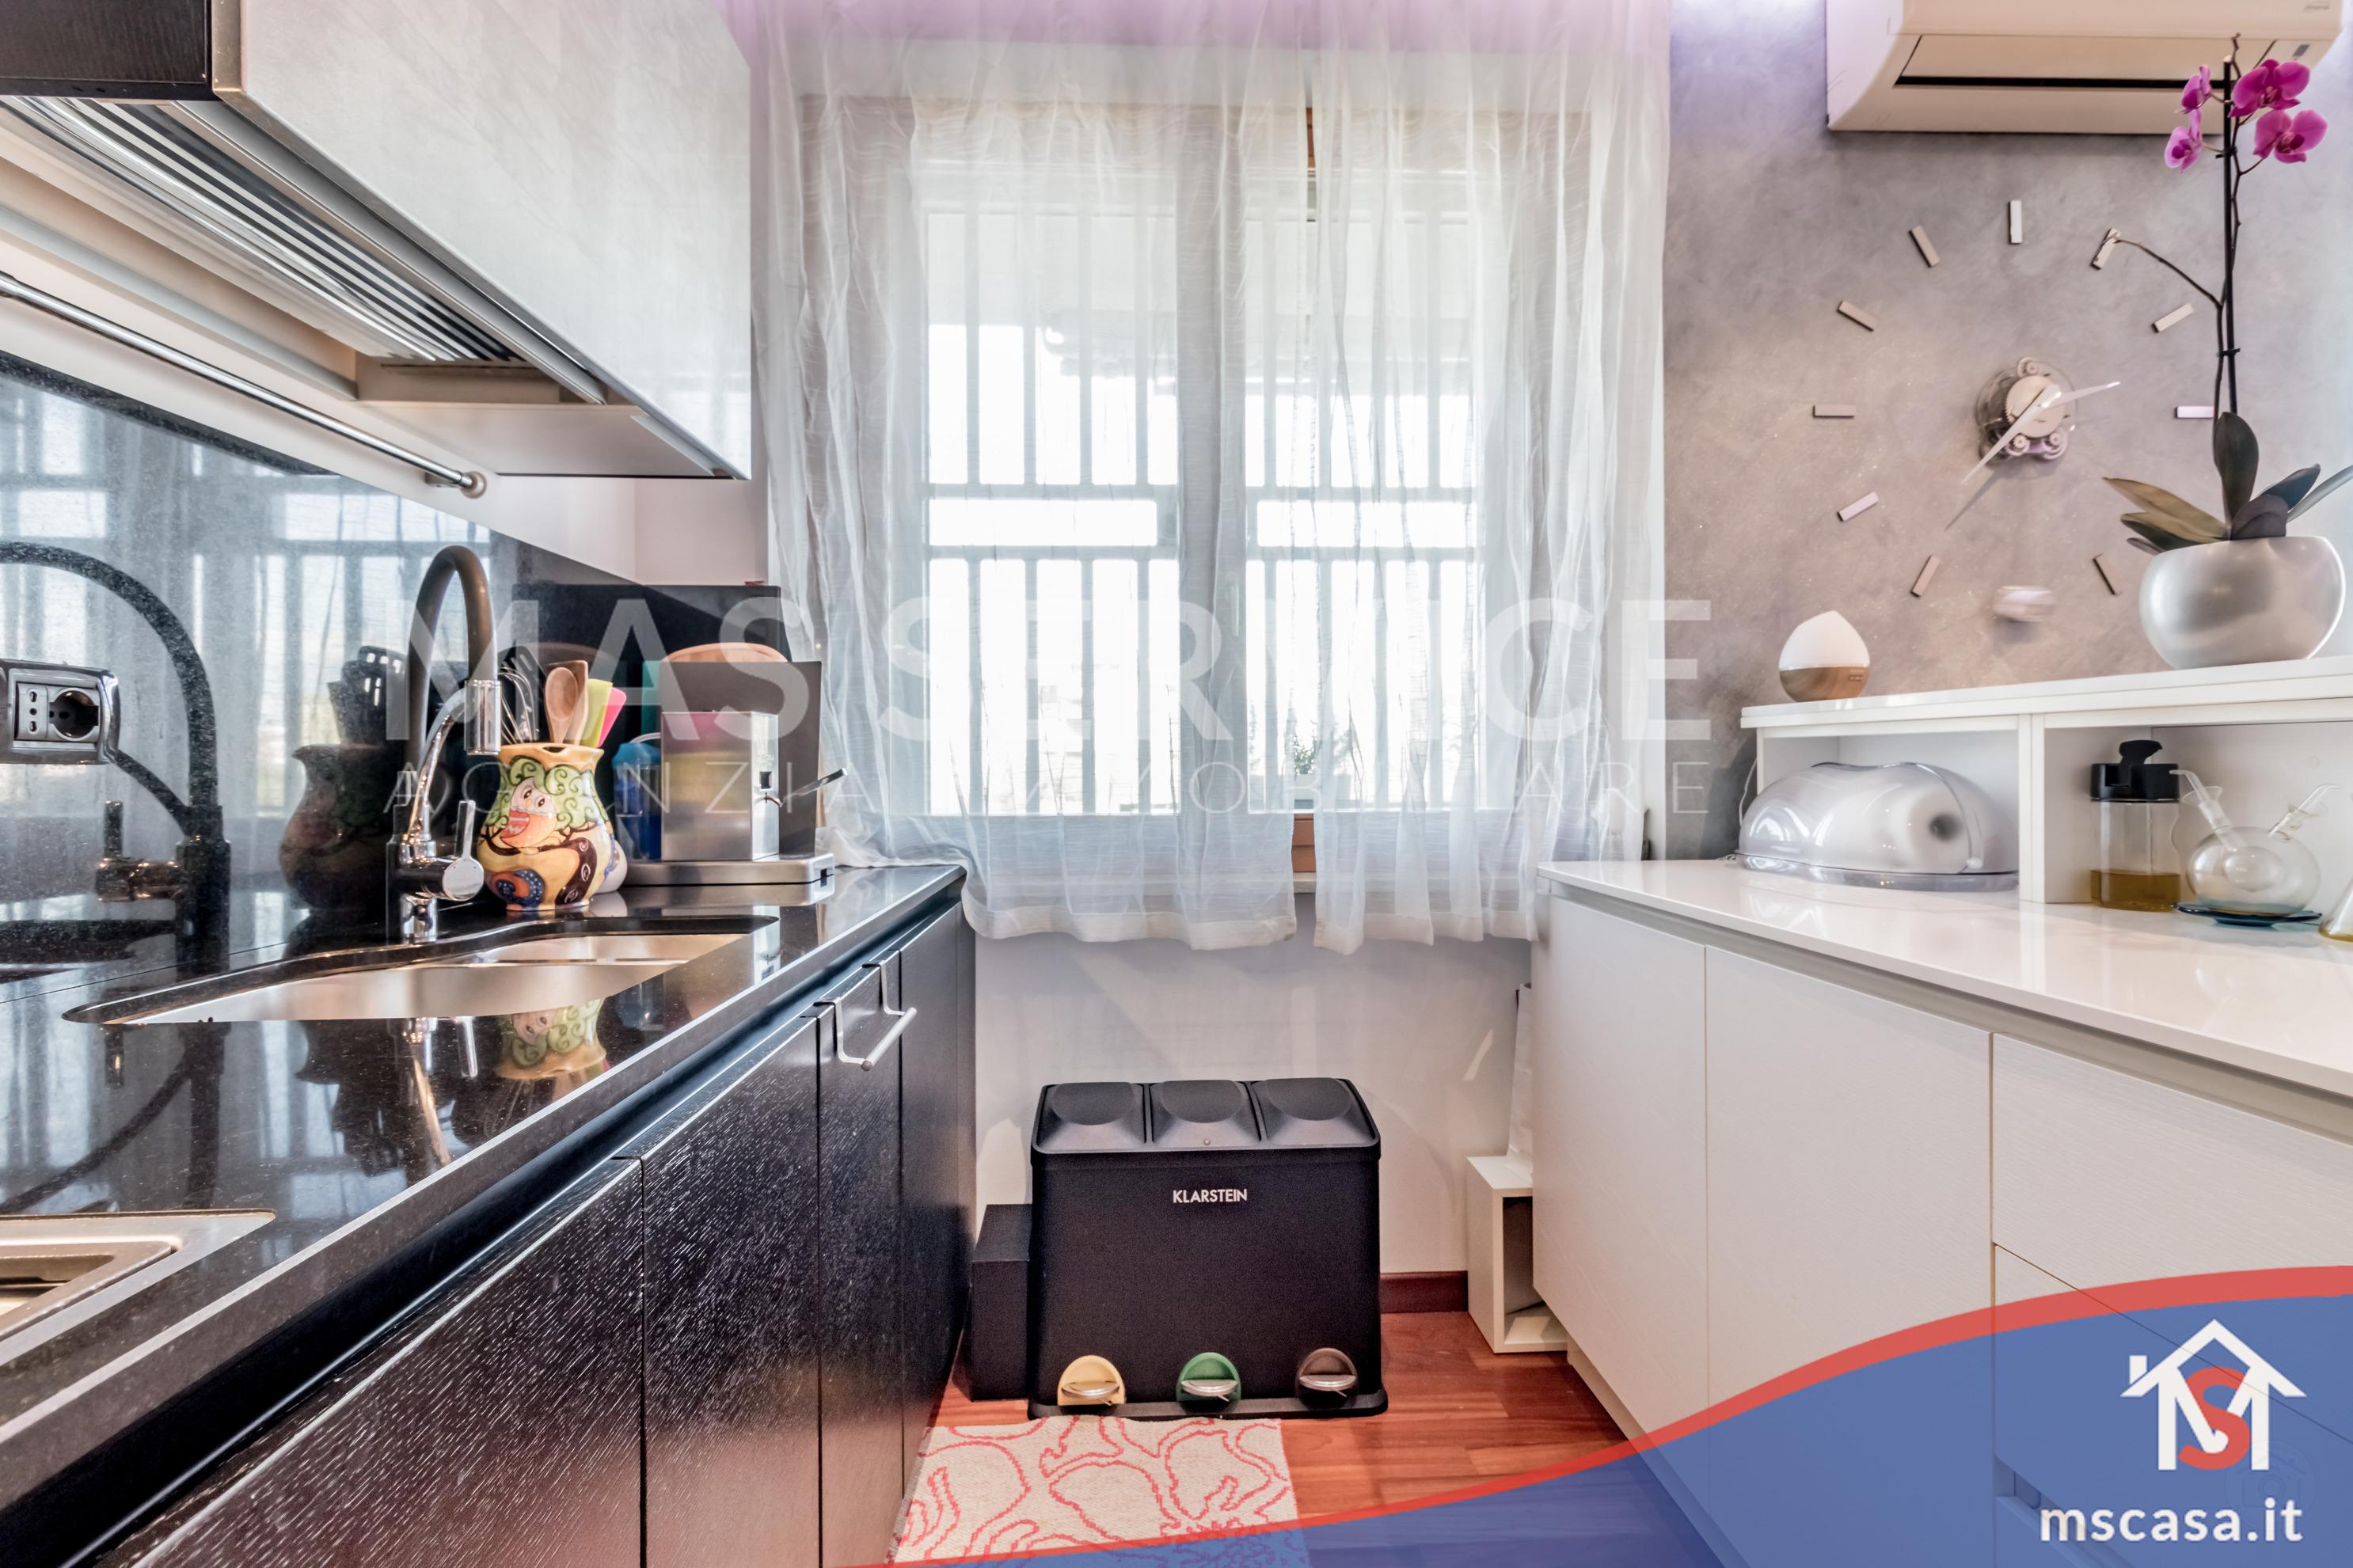 Trilocale in vendita zona Torrino a Roma Vista Cucina